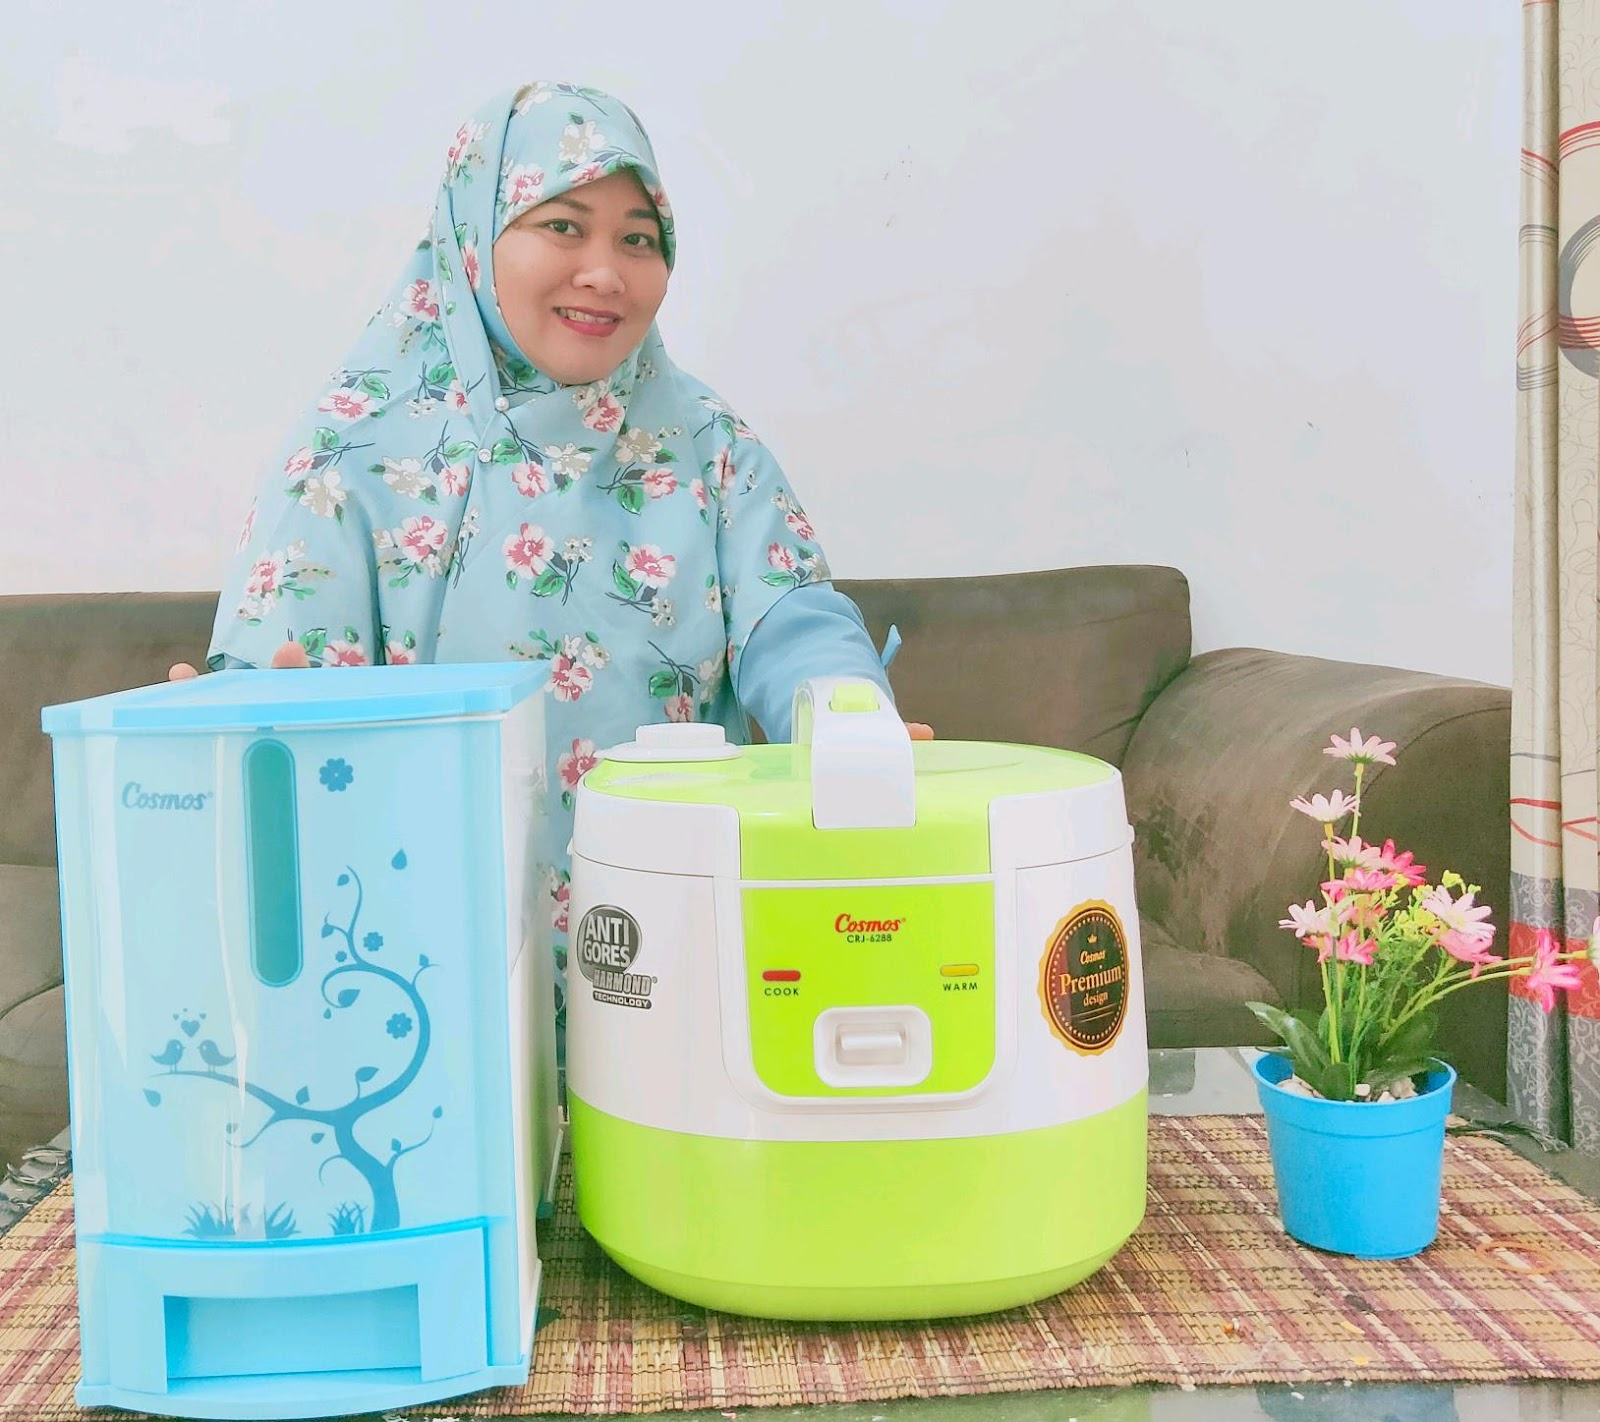 Cara Masak Nasi Sehat Dengan Rice Cooker Cosmos Harmond Leyla Hana